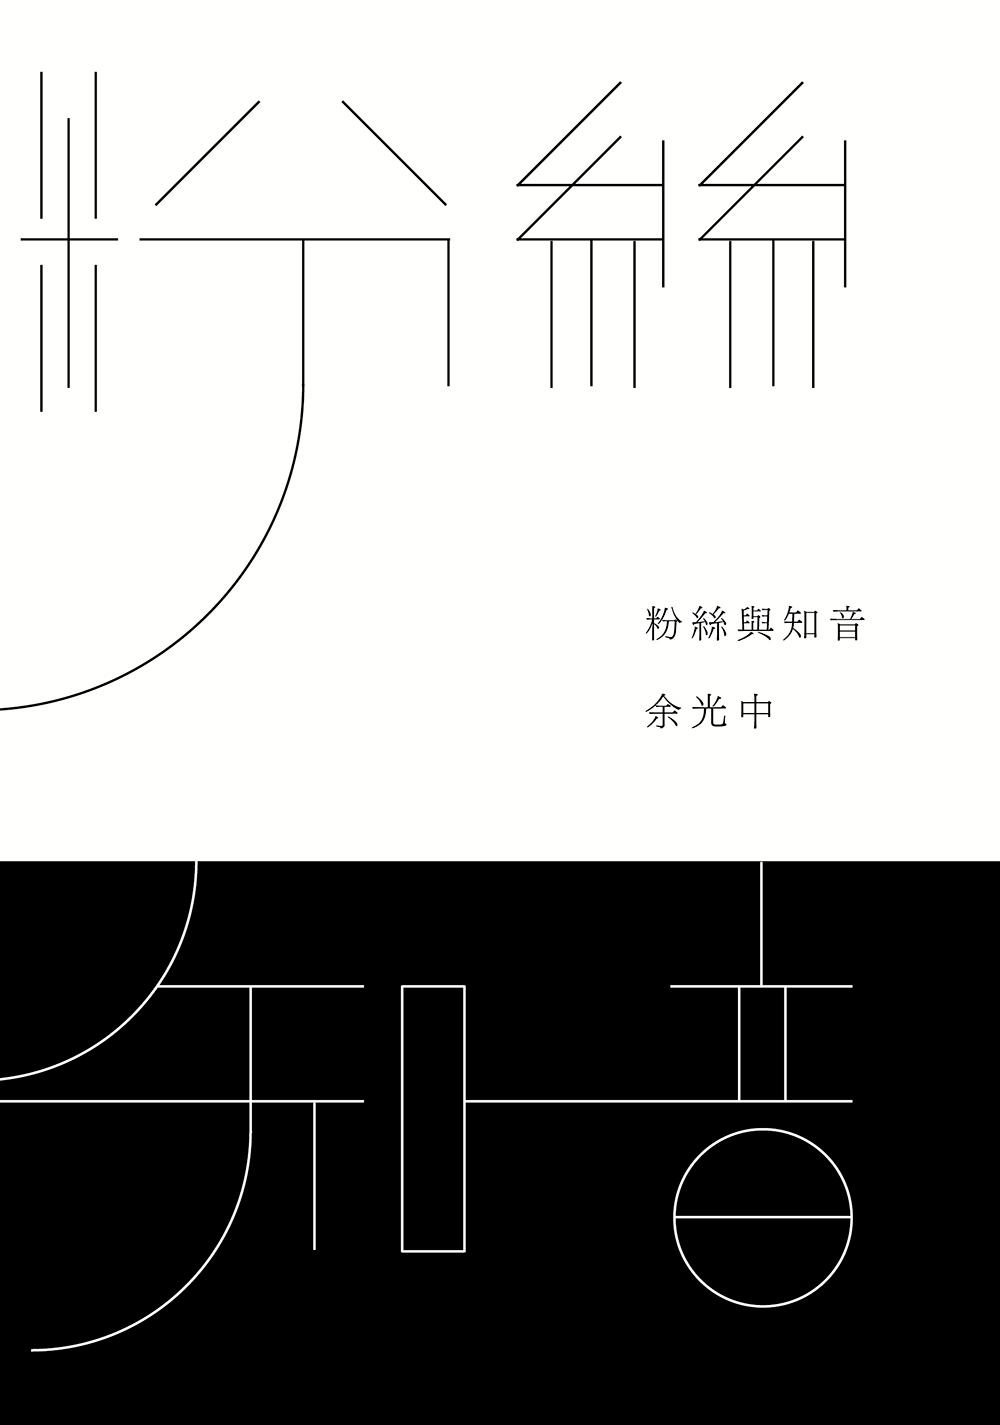 中三語文閱讀理解訓練:余光中《粉絲與知音》 中文筆記 尤莉姐姐的反轉學堂